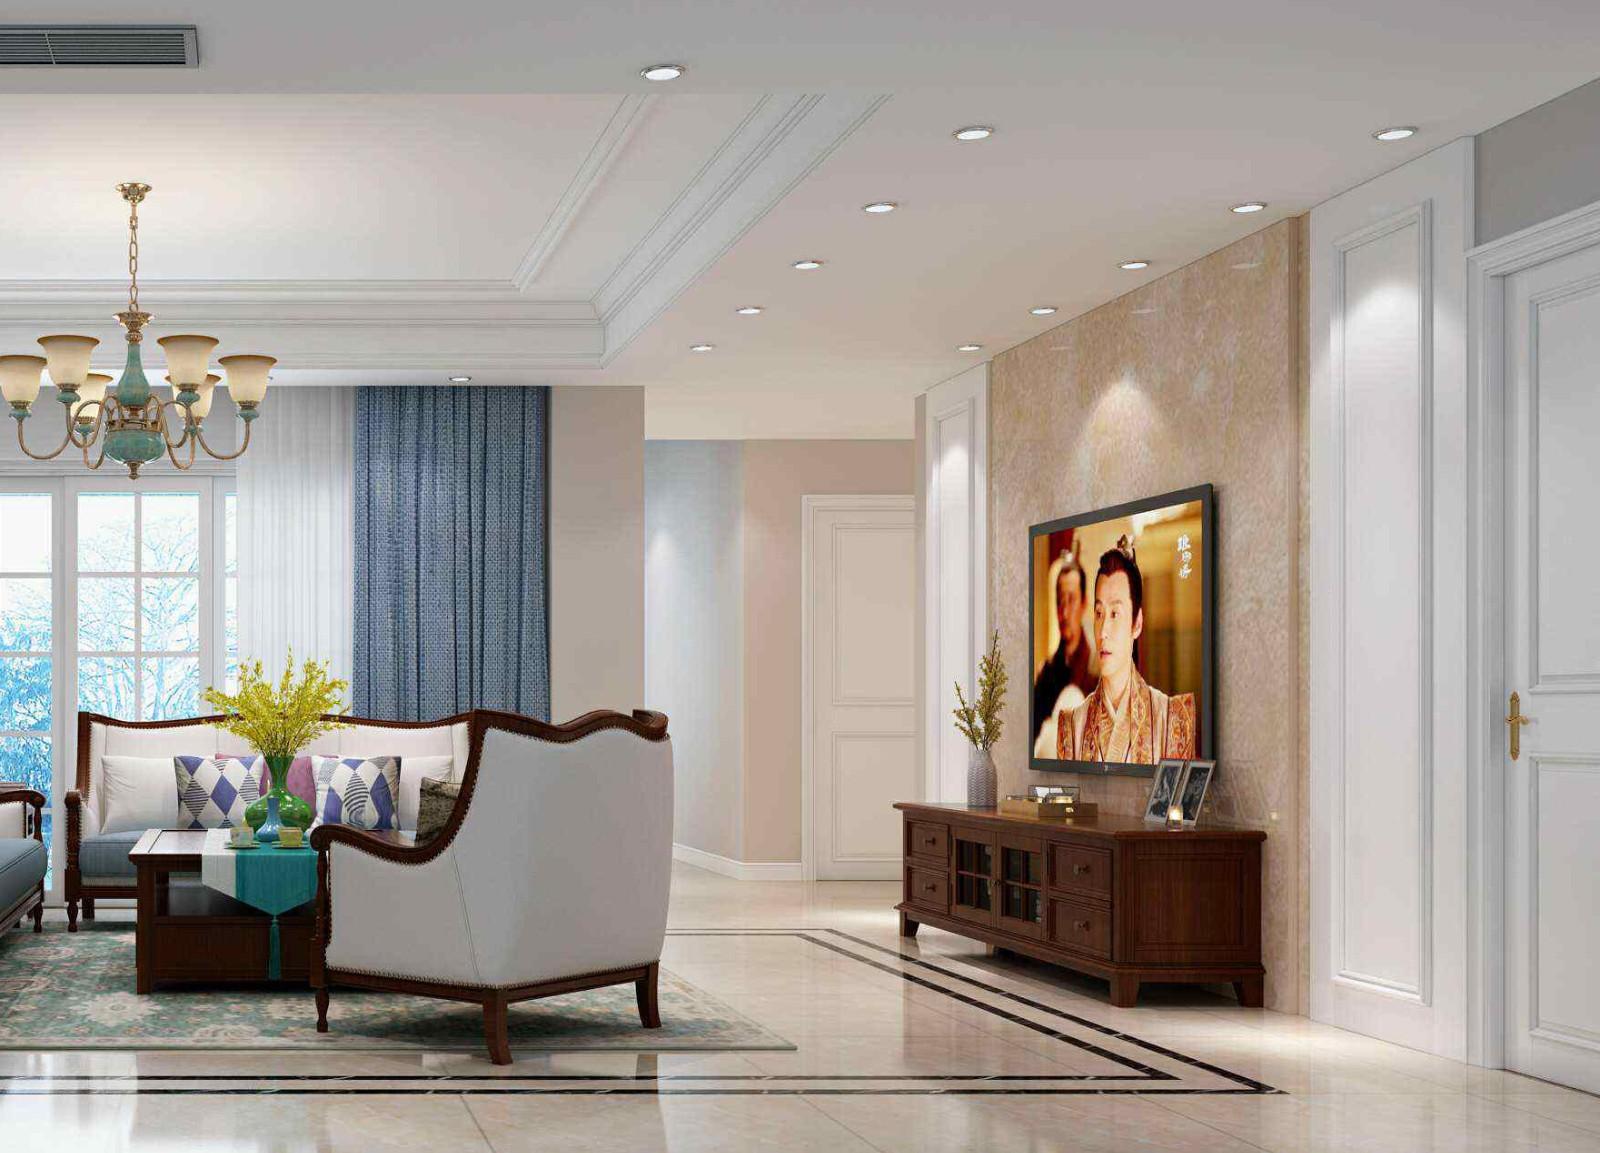 2021美式300平米以上装修效果图片 2021美式庭院装修效果图大全